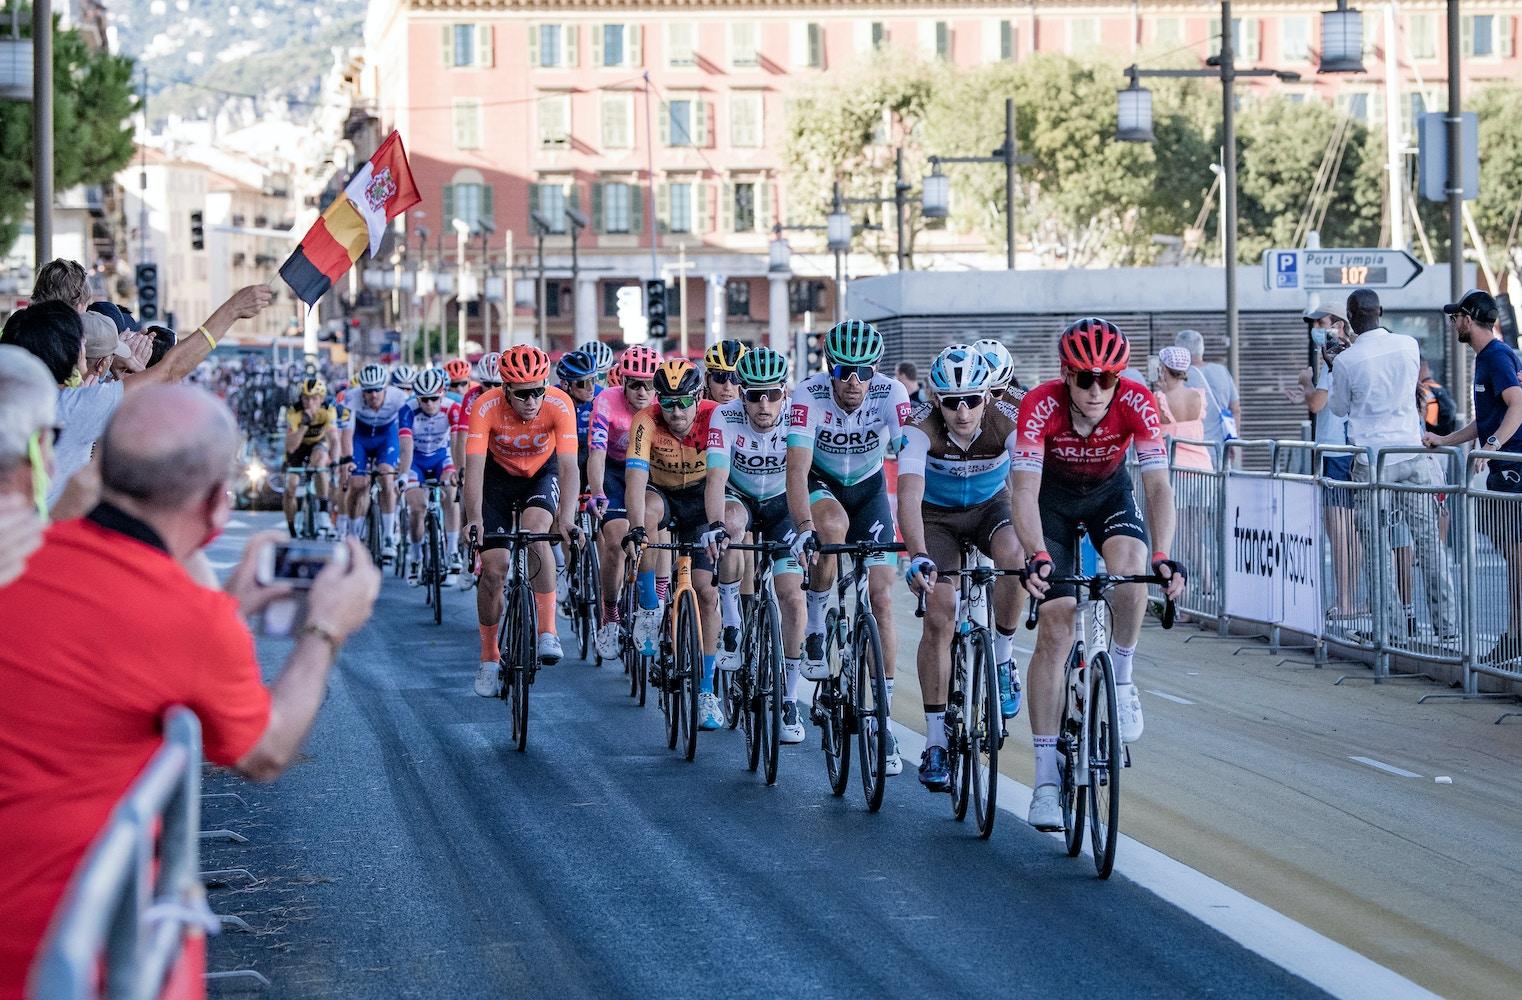 Tour de France 2020: Stage Two Race Recap